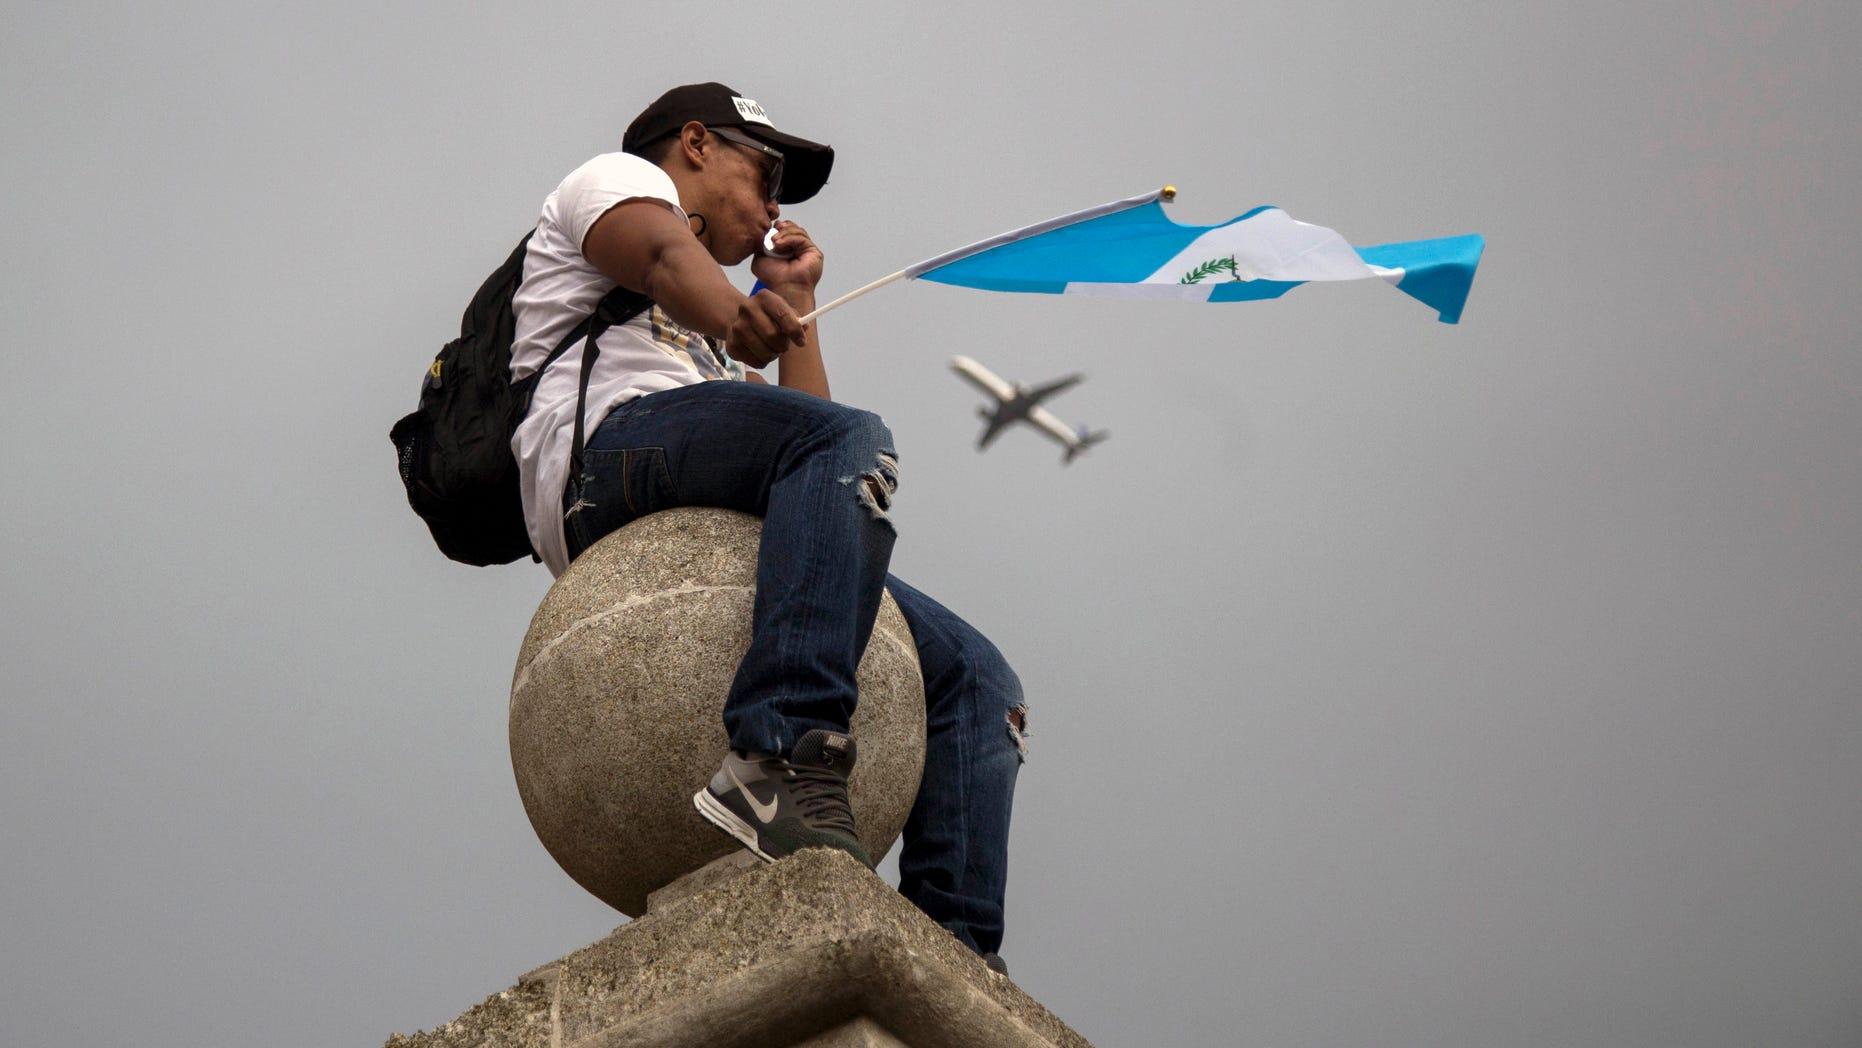 """En esta imagen, tomada el 27 de agosto de 2015, un manifestante ondea una bandera de Guatemala sentado en lo alto de una columna en la catedral Metropolitana durante una huelga nacional para exigir la renuncia del presidente del país, Otto Pérez Molina, en la ciudad de Guatemala. La presión sobre el mandatario va en aumento, con negocios y oficinas gubernamentales cerradas y multitudinarias protestas, mientras el fiscal general del Estado le instó a dimitir """"para evitar una ingobernabilidad que podría desestabilizar la nación"""". (Foto AP/Luis Soto)"""